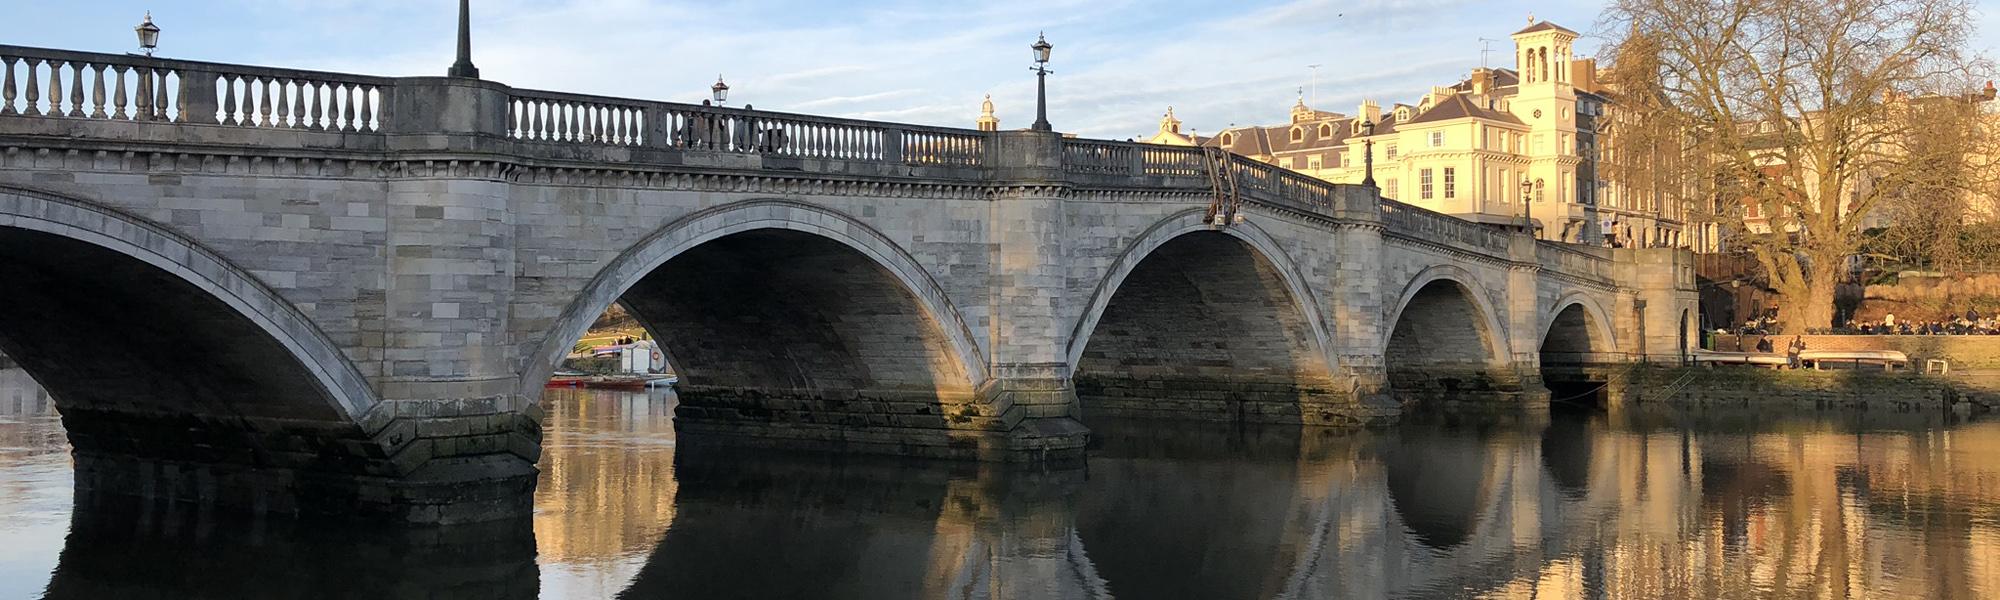 Richmond Bridge pic 2000x600 IMG_5992